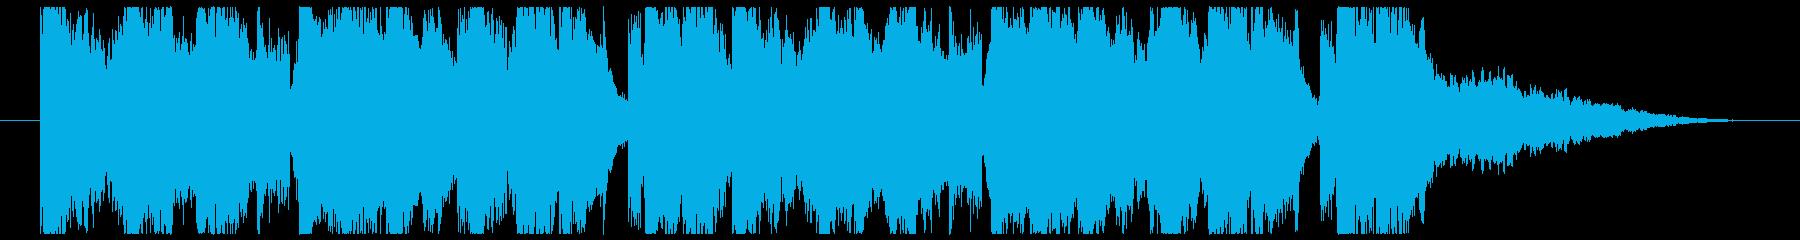 ストリングスCM15秒 大人のムード演出の再生済みの波形